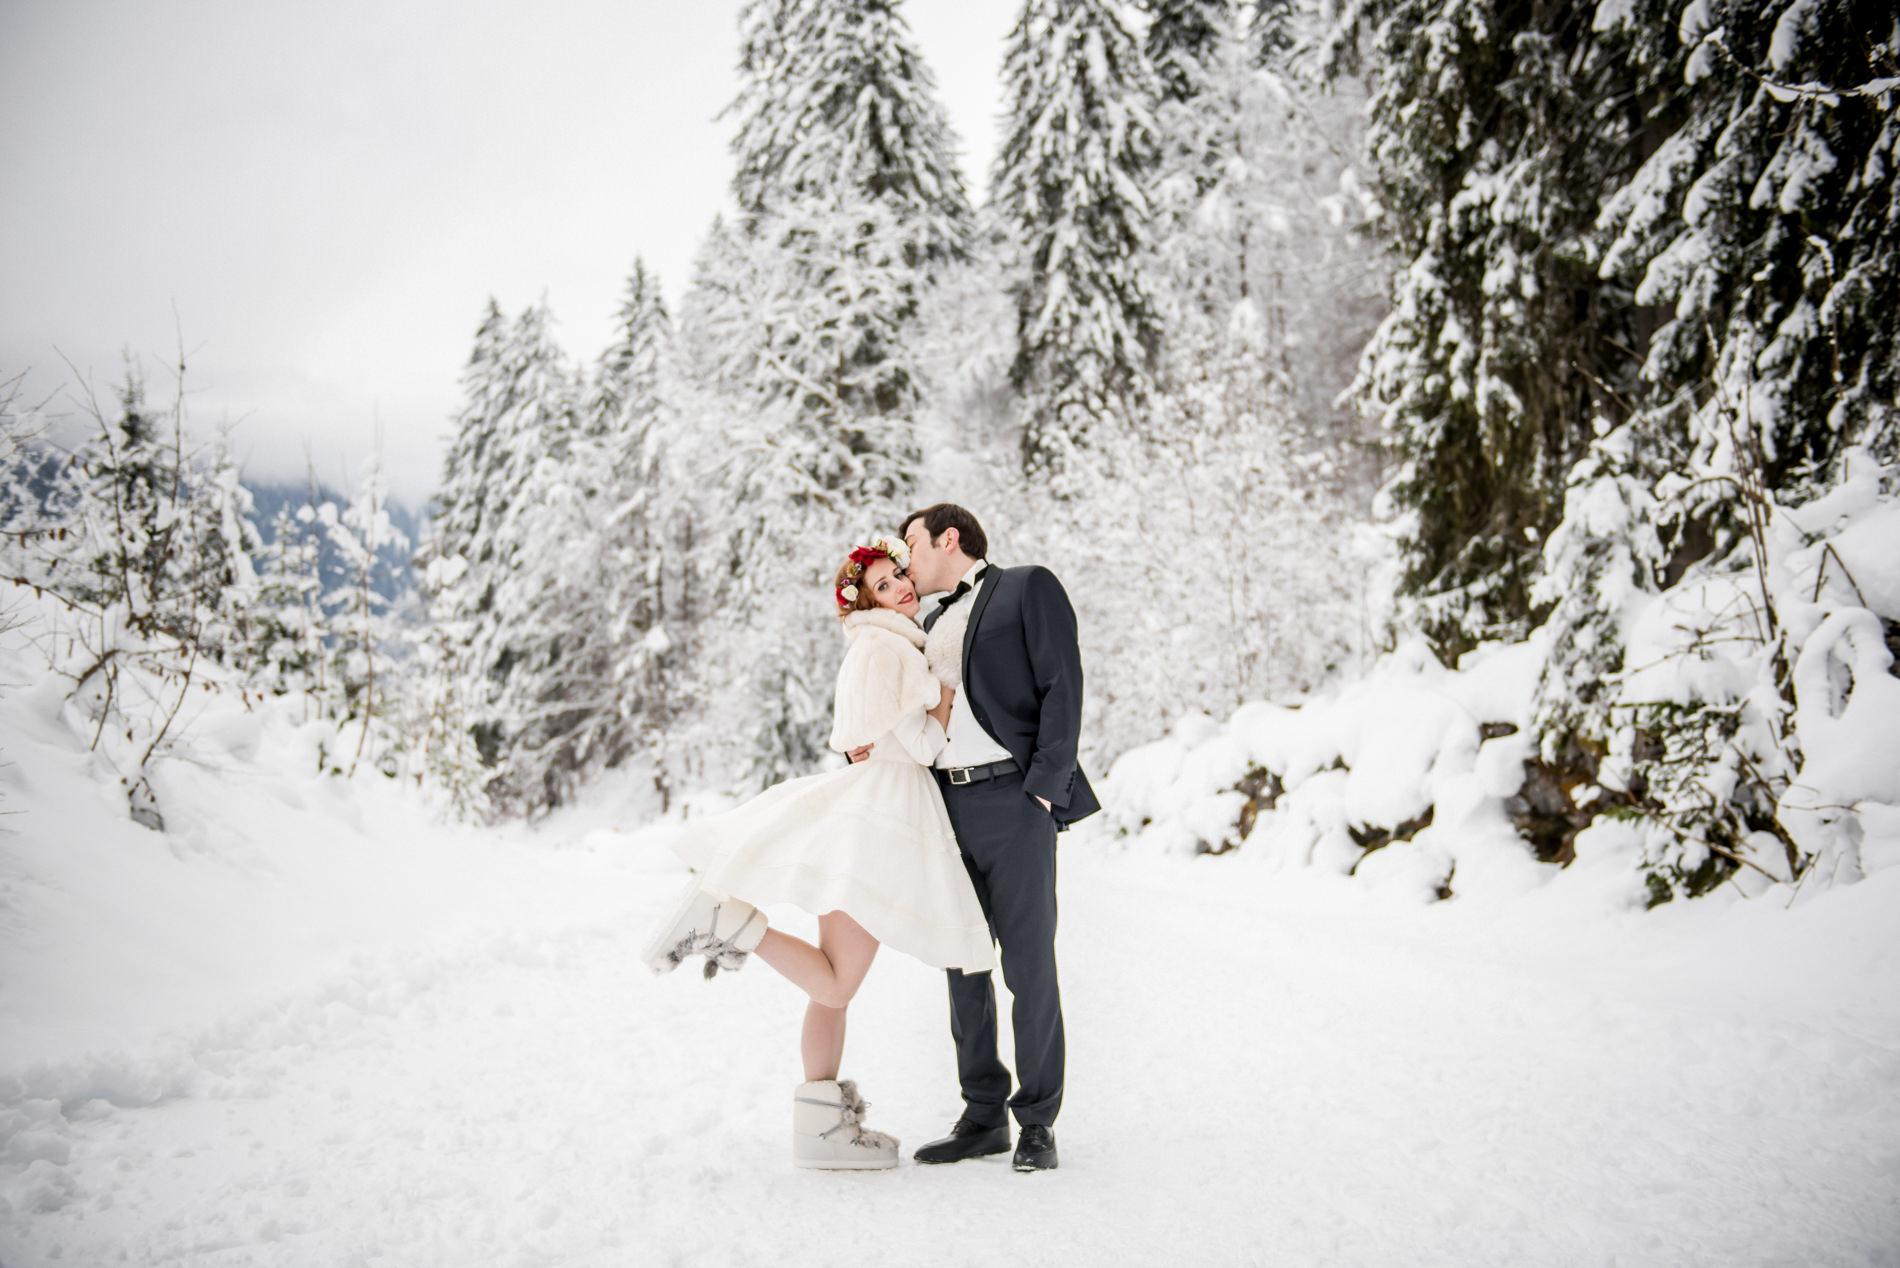 photographe mariage montagne neige